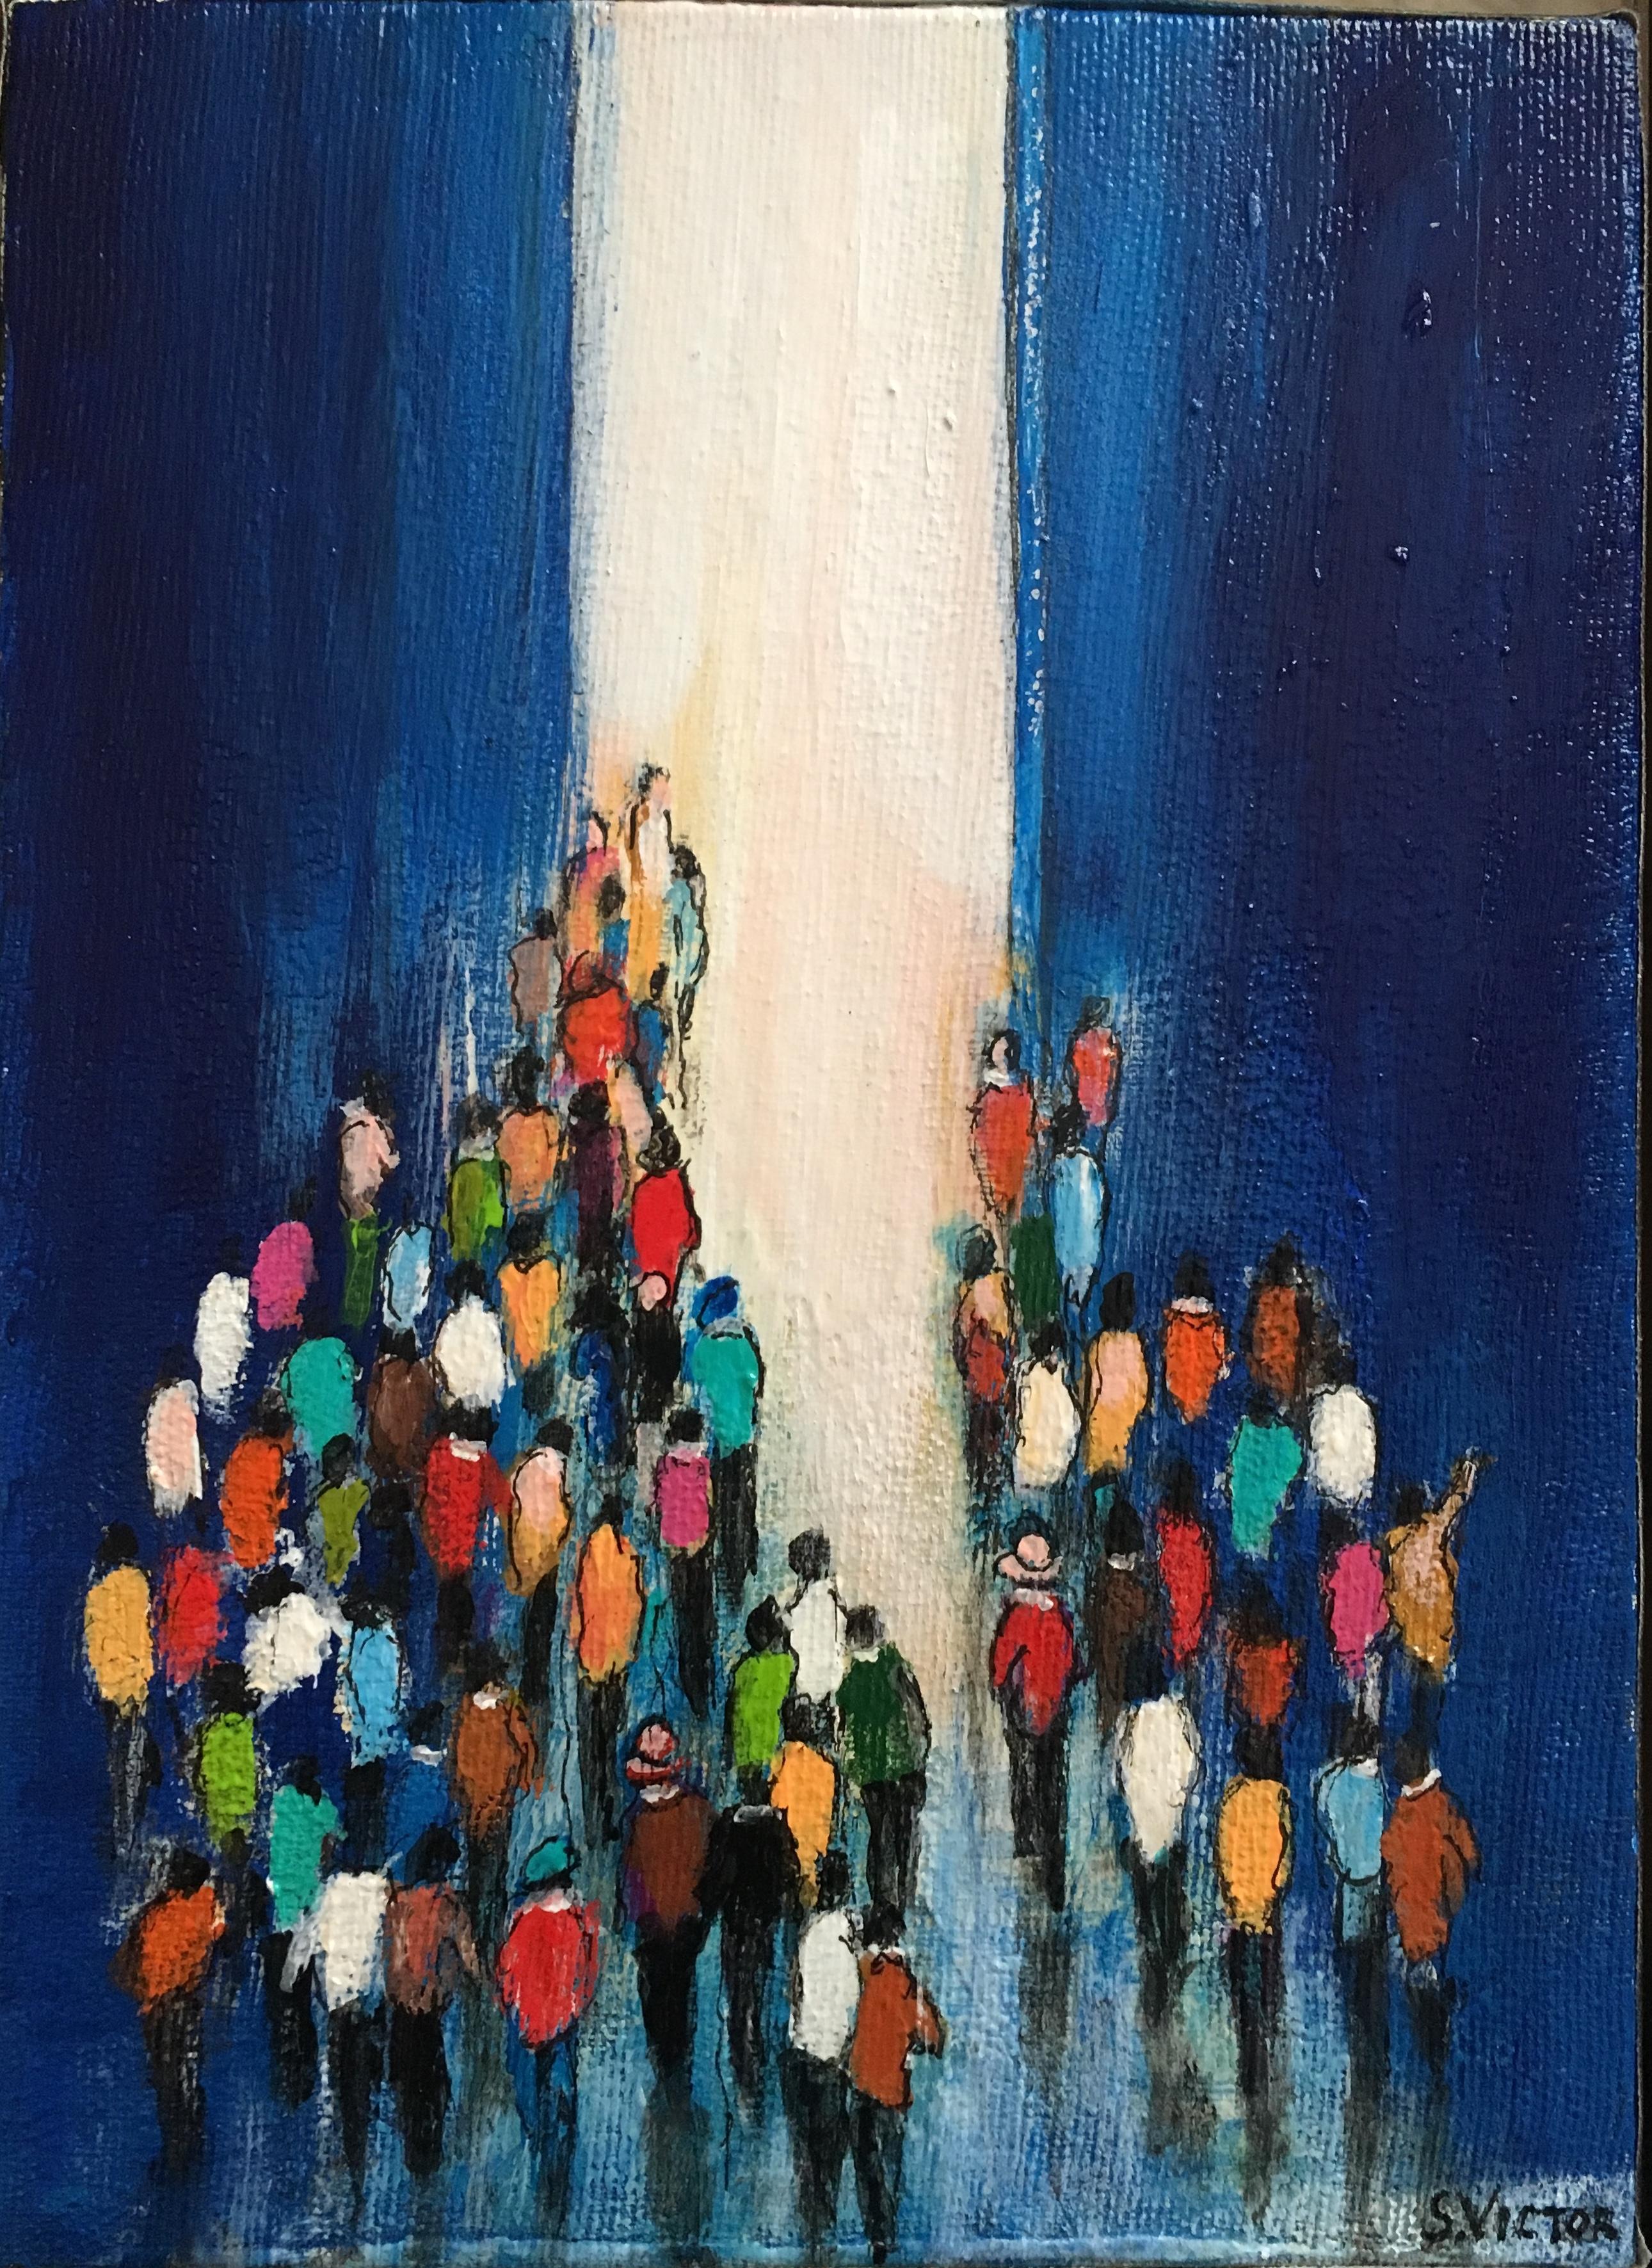 Vers la lumière - Acrylique sur toile - 16cmx22cm